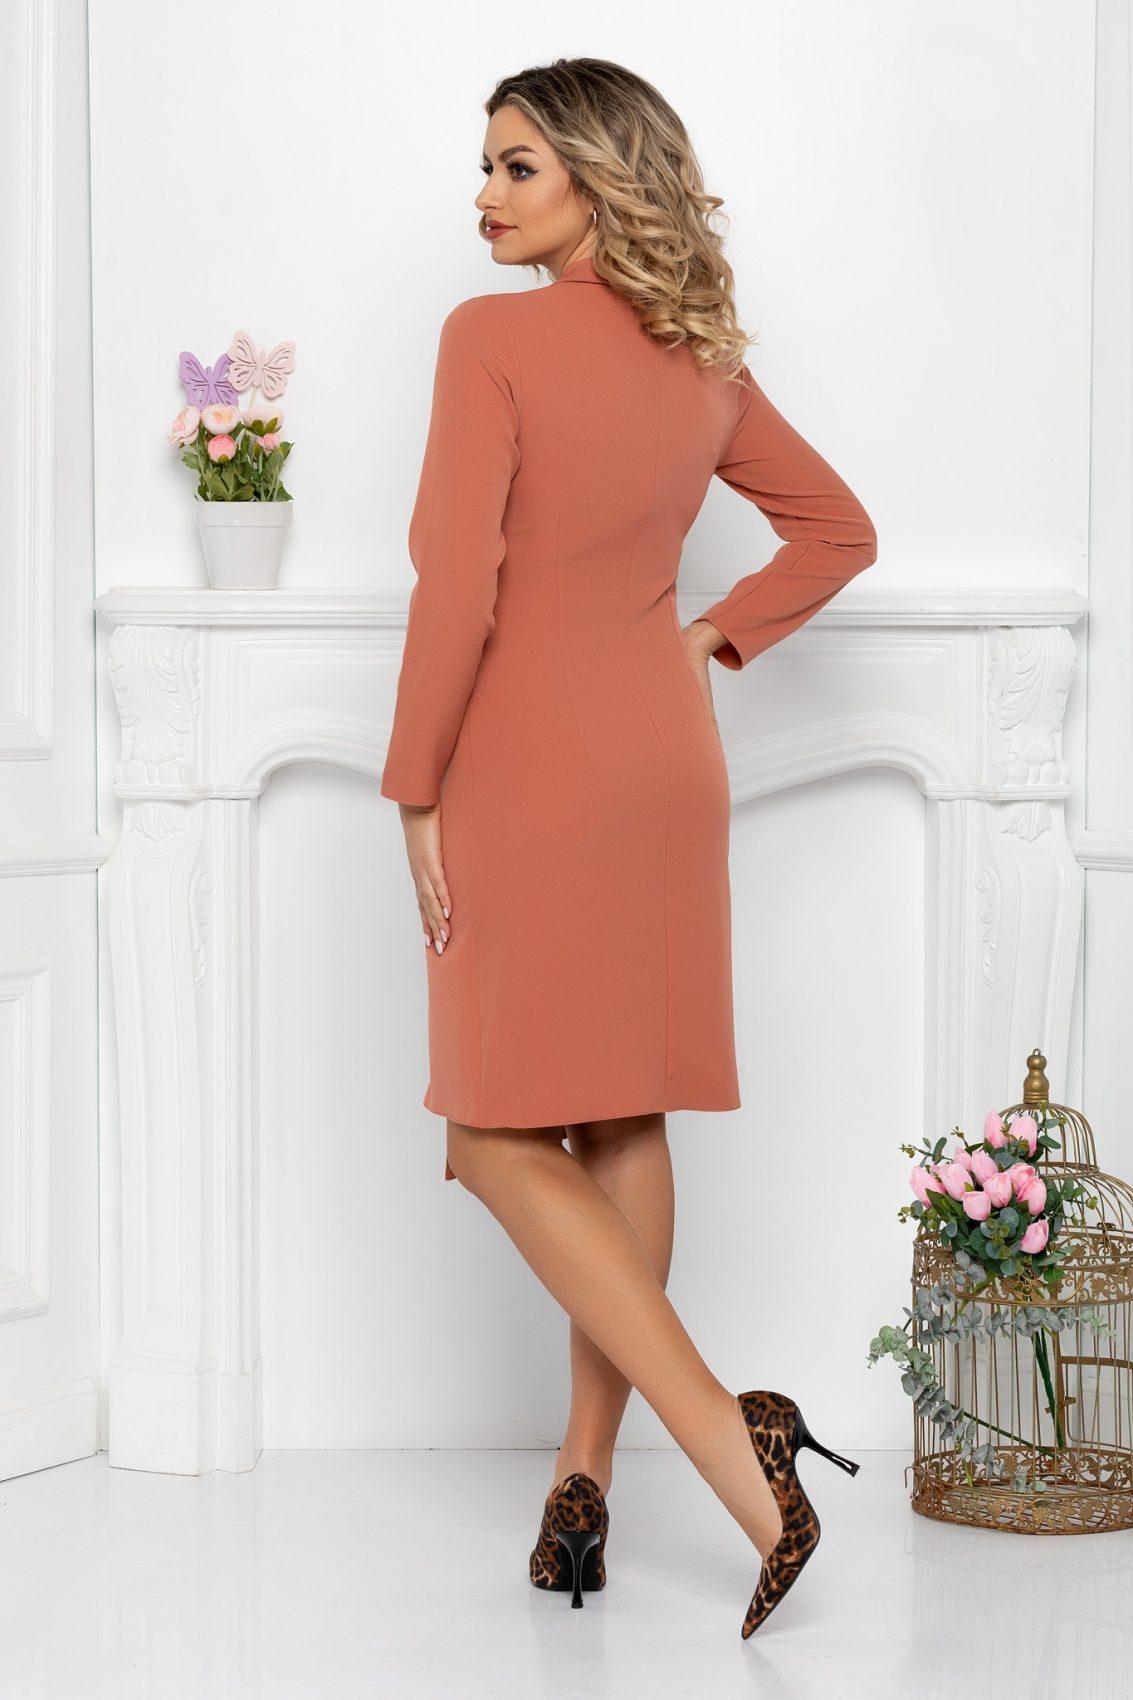 Φόρεμα Με Κουμπιά Σάπιο Μήλο Yndira 9445 2